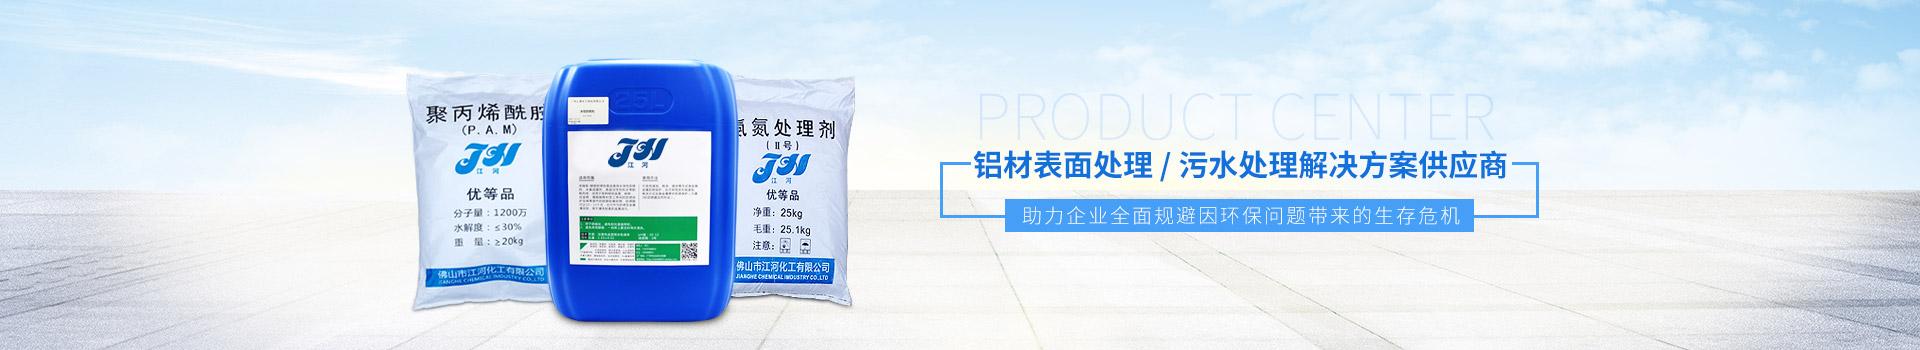 江河化工-铝材表面处理/污水处理解决方案供应商